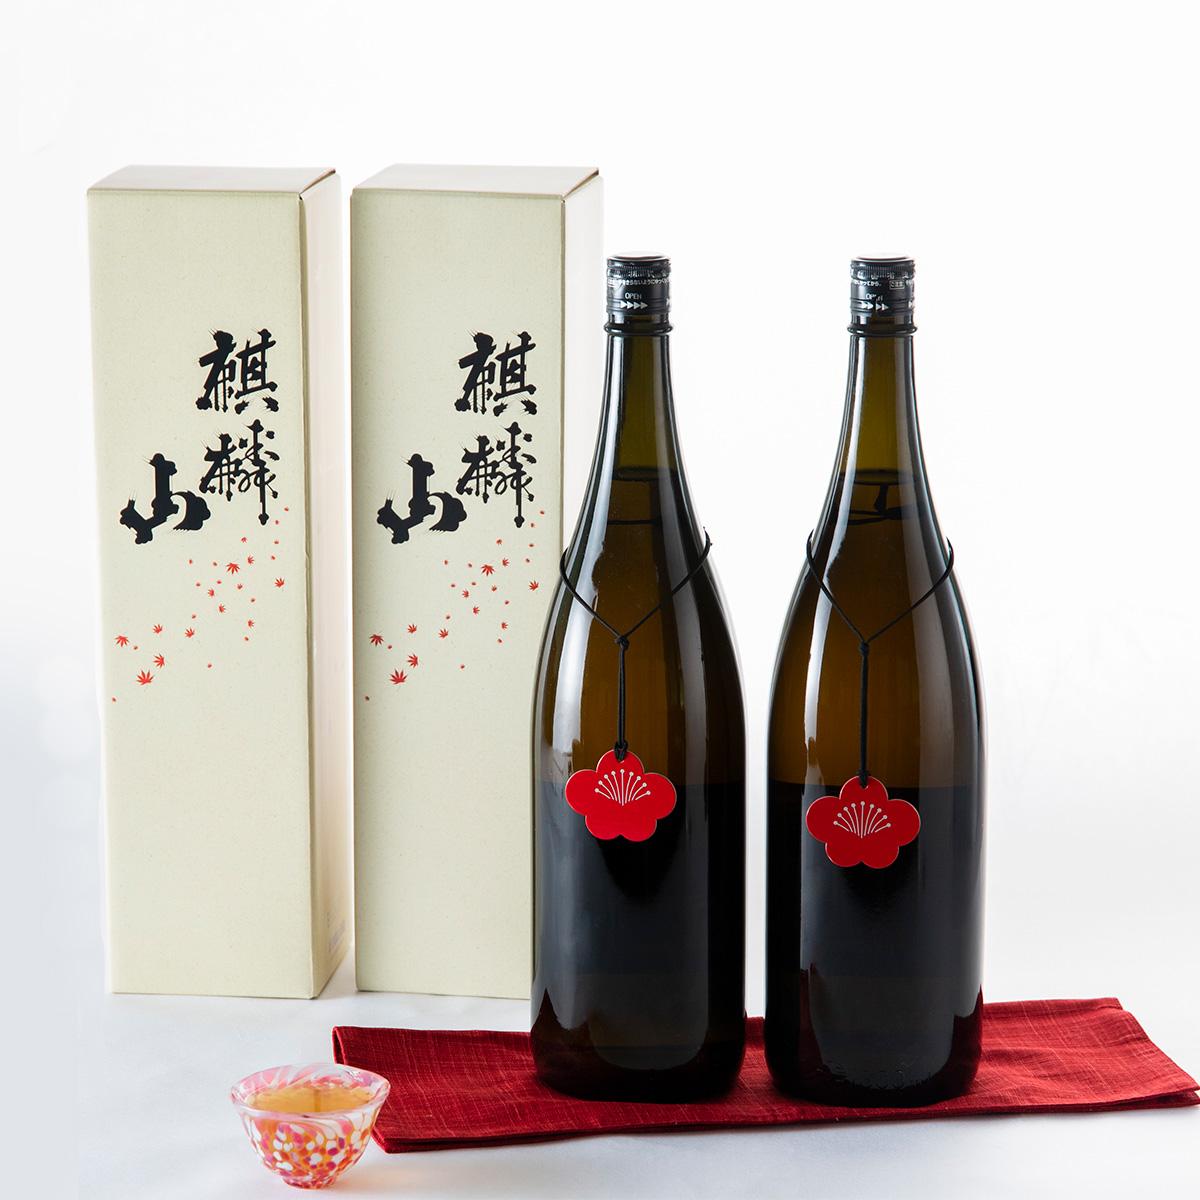 【ふるさと納税】阿賀町マンマ認定 数量限定 麒麟山梅酒 1800ml×2本 化粧箱入り